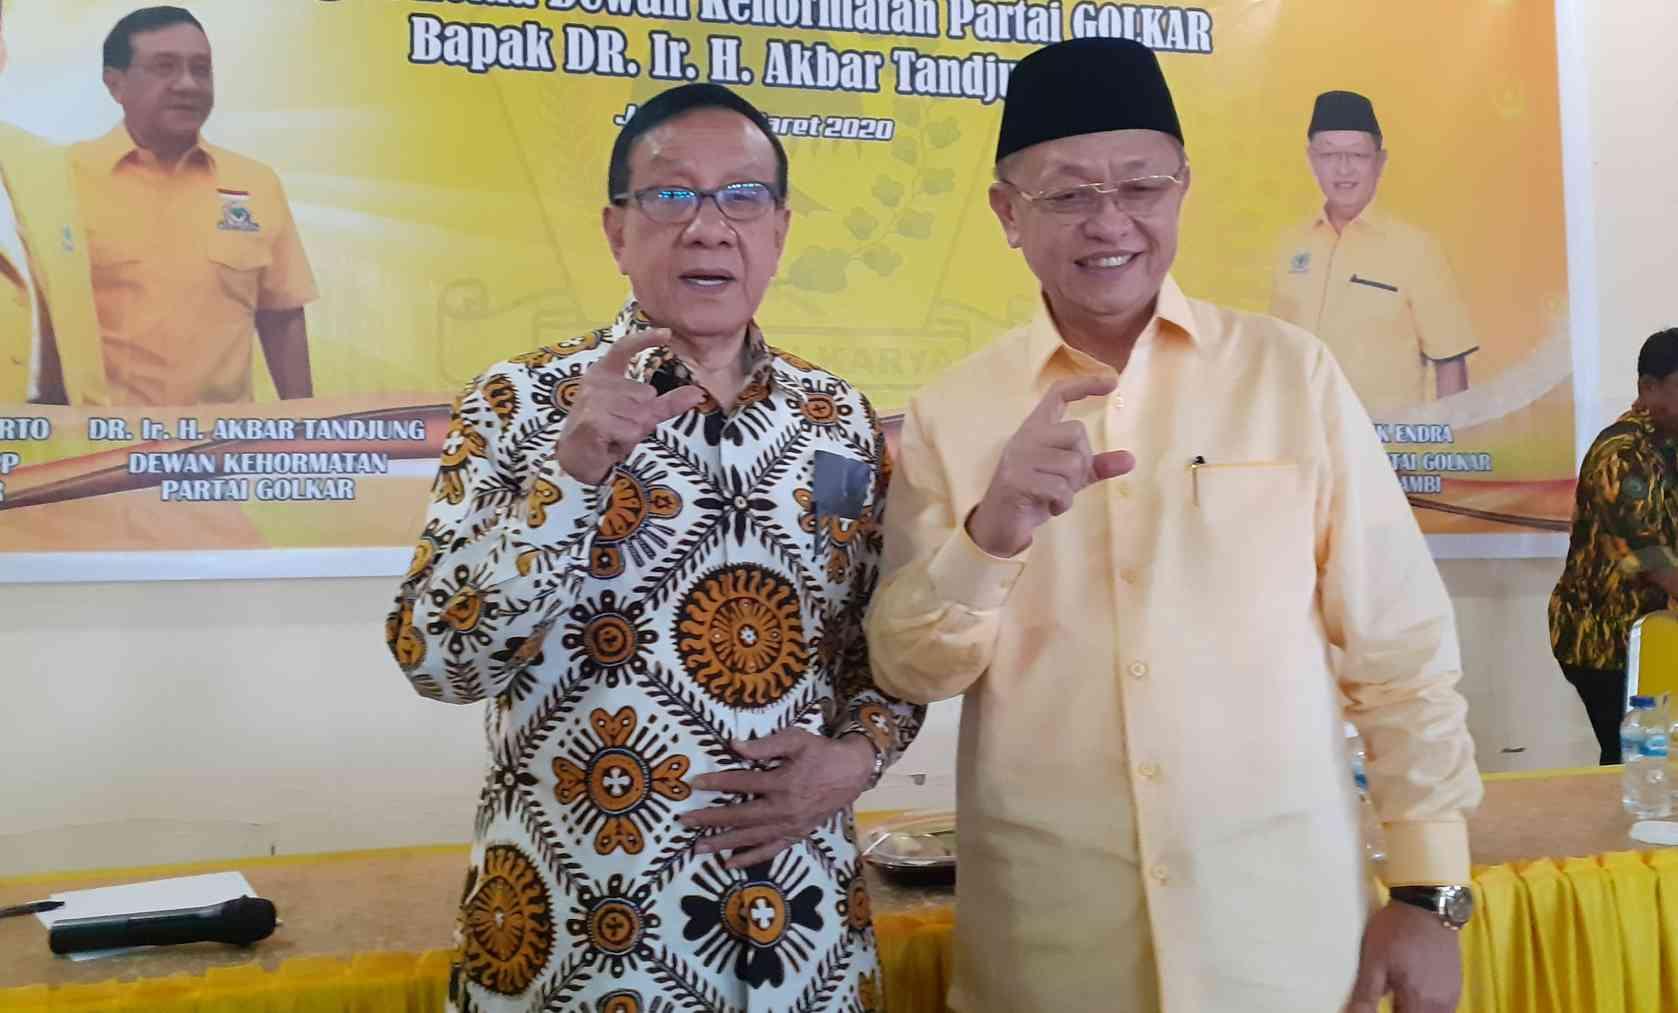 Bacagub Jambi, Cek Endra saat bersama Akbar Tanjung